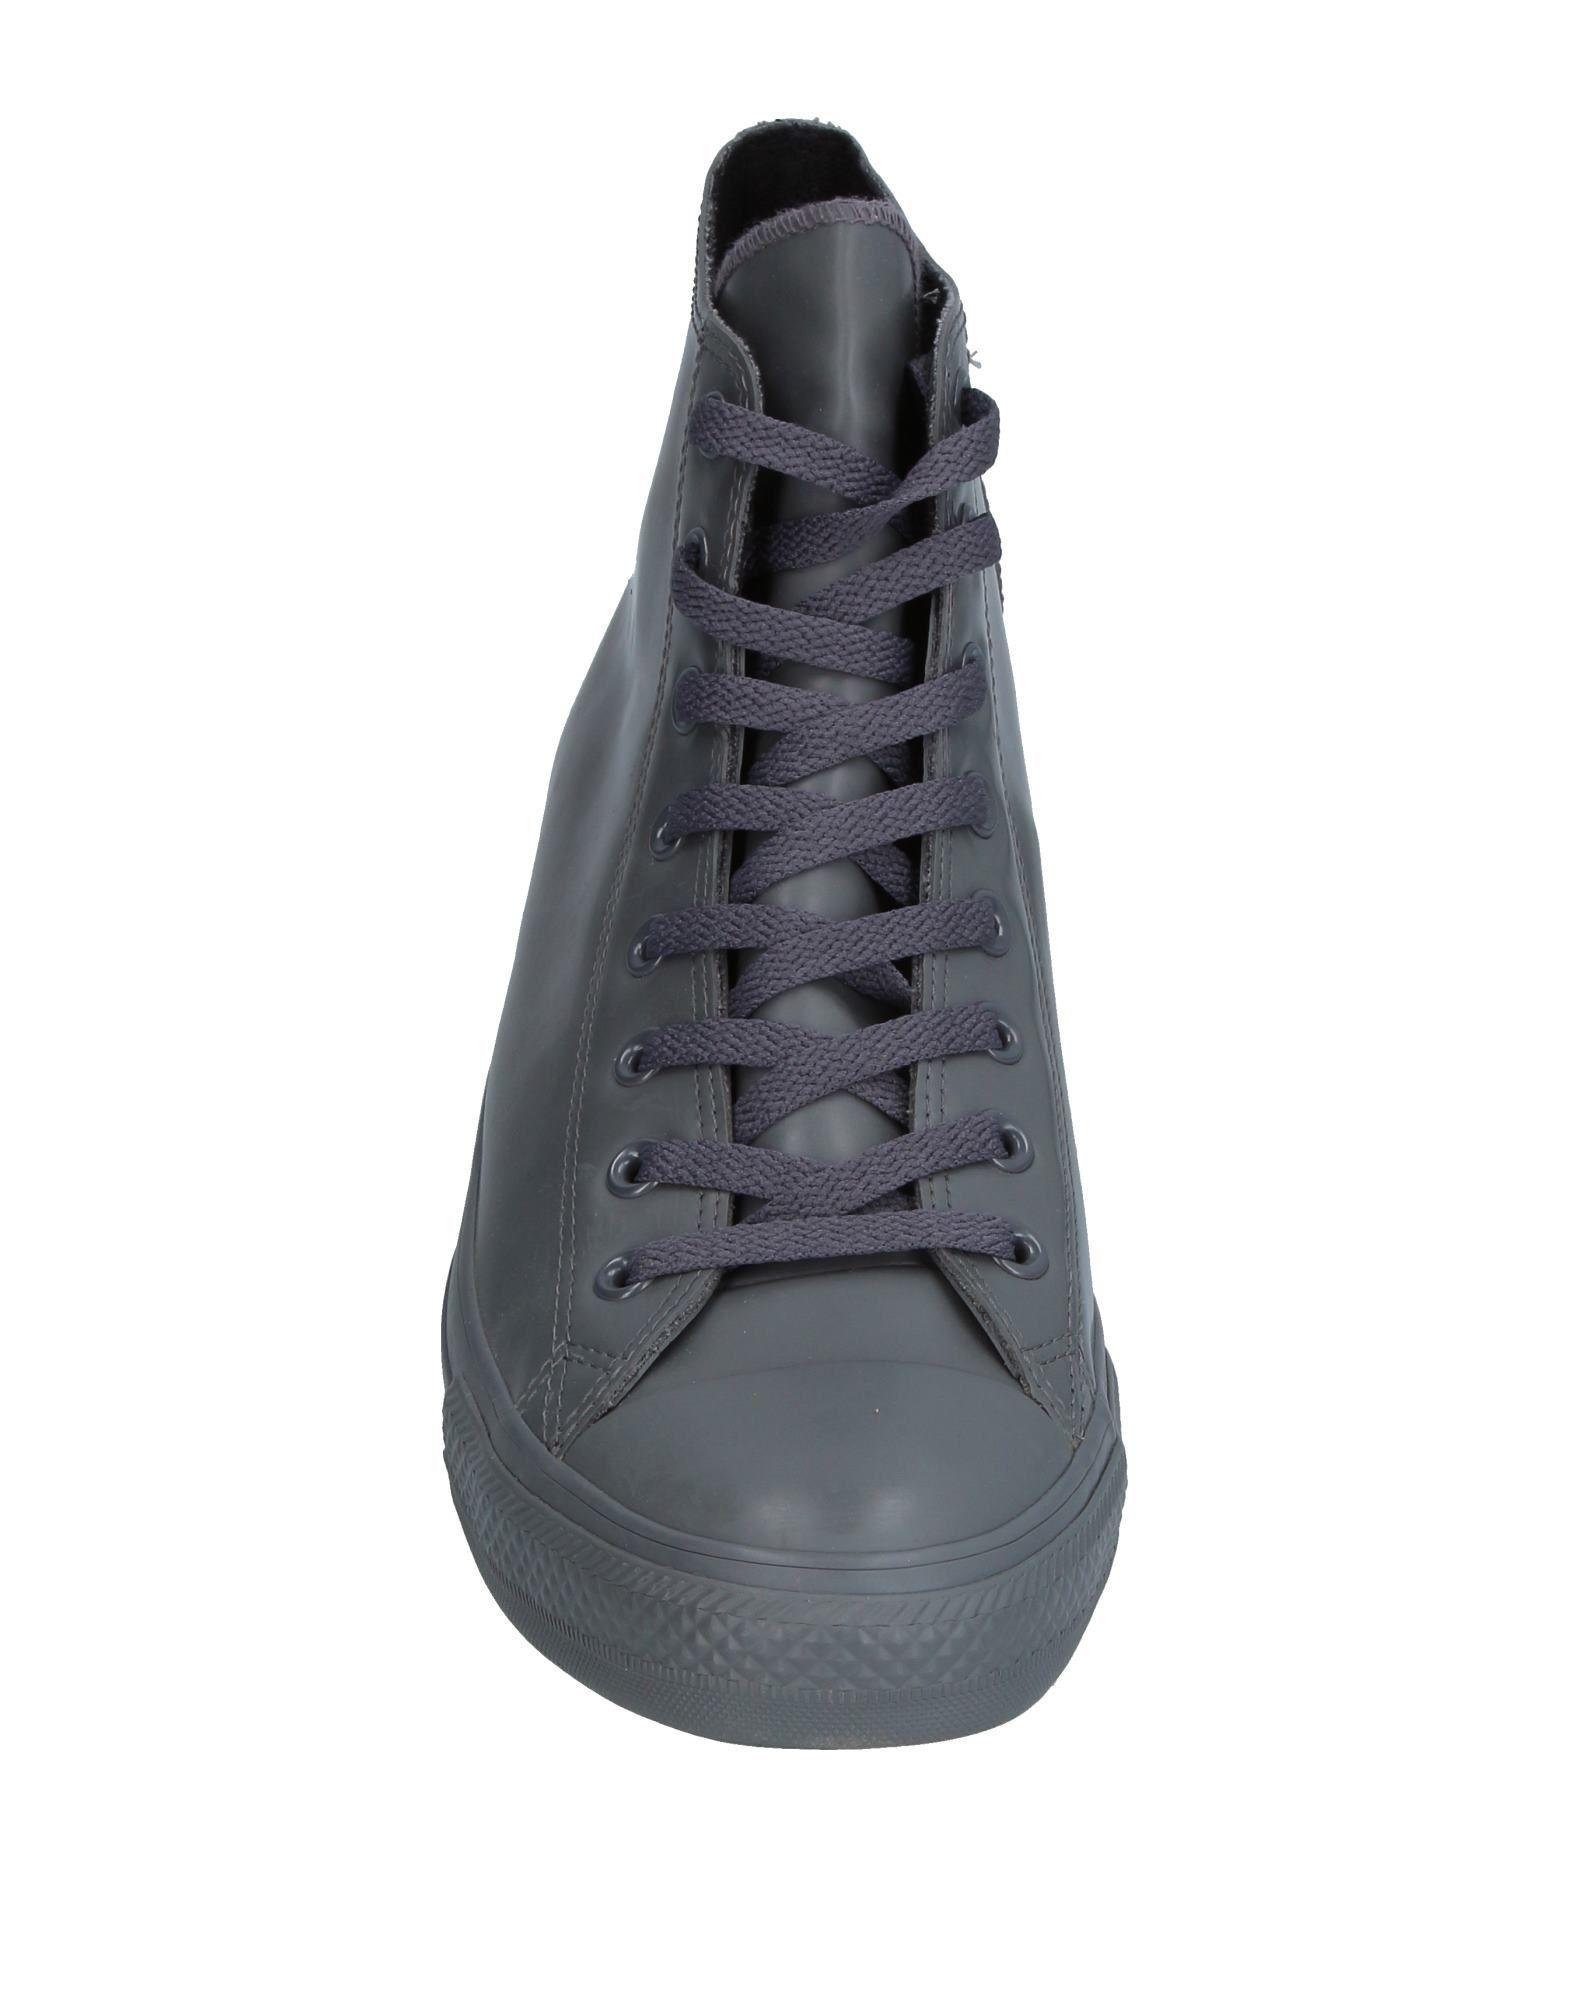 Sneakers Converse All Star Uomo Uomo Star - 11236928QX f10fdd